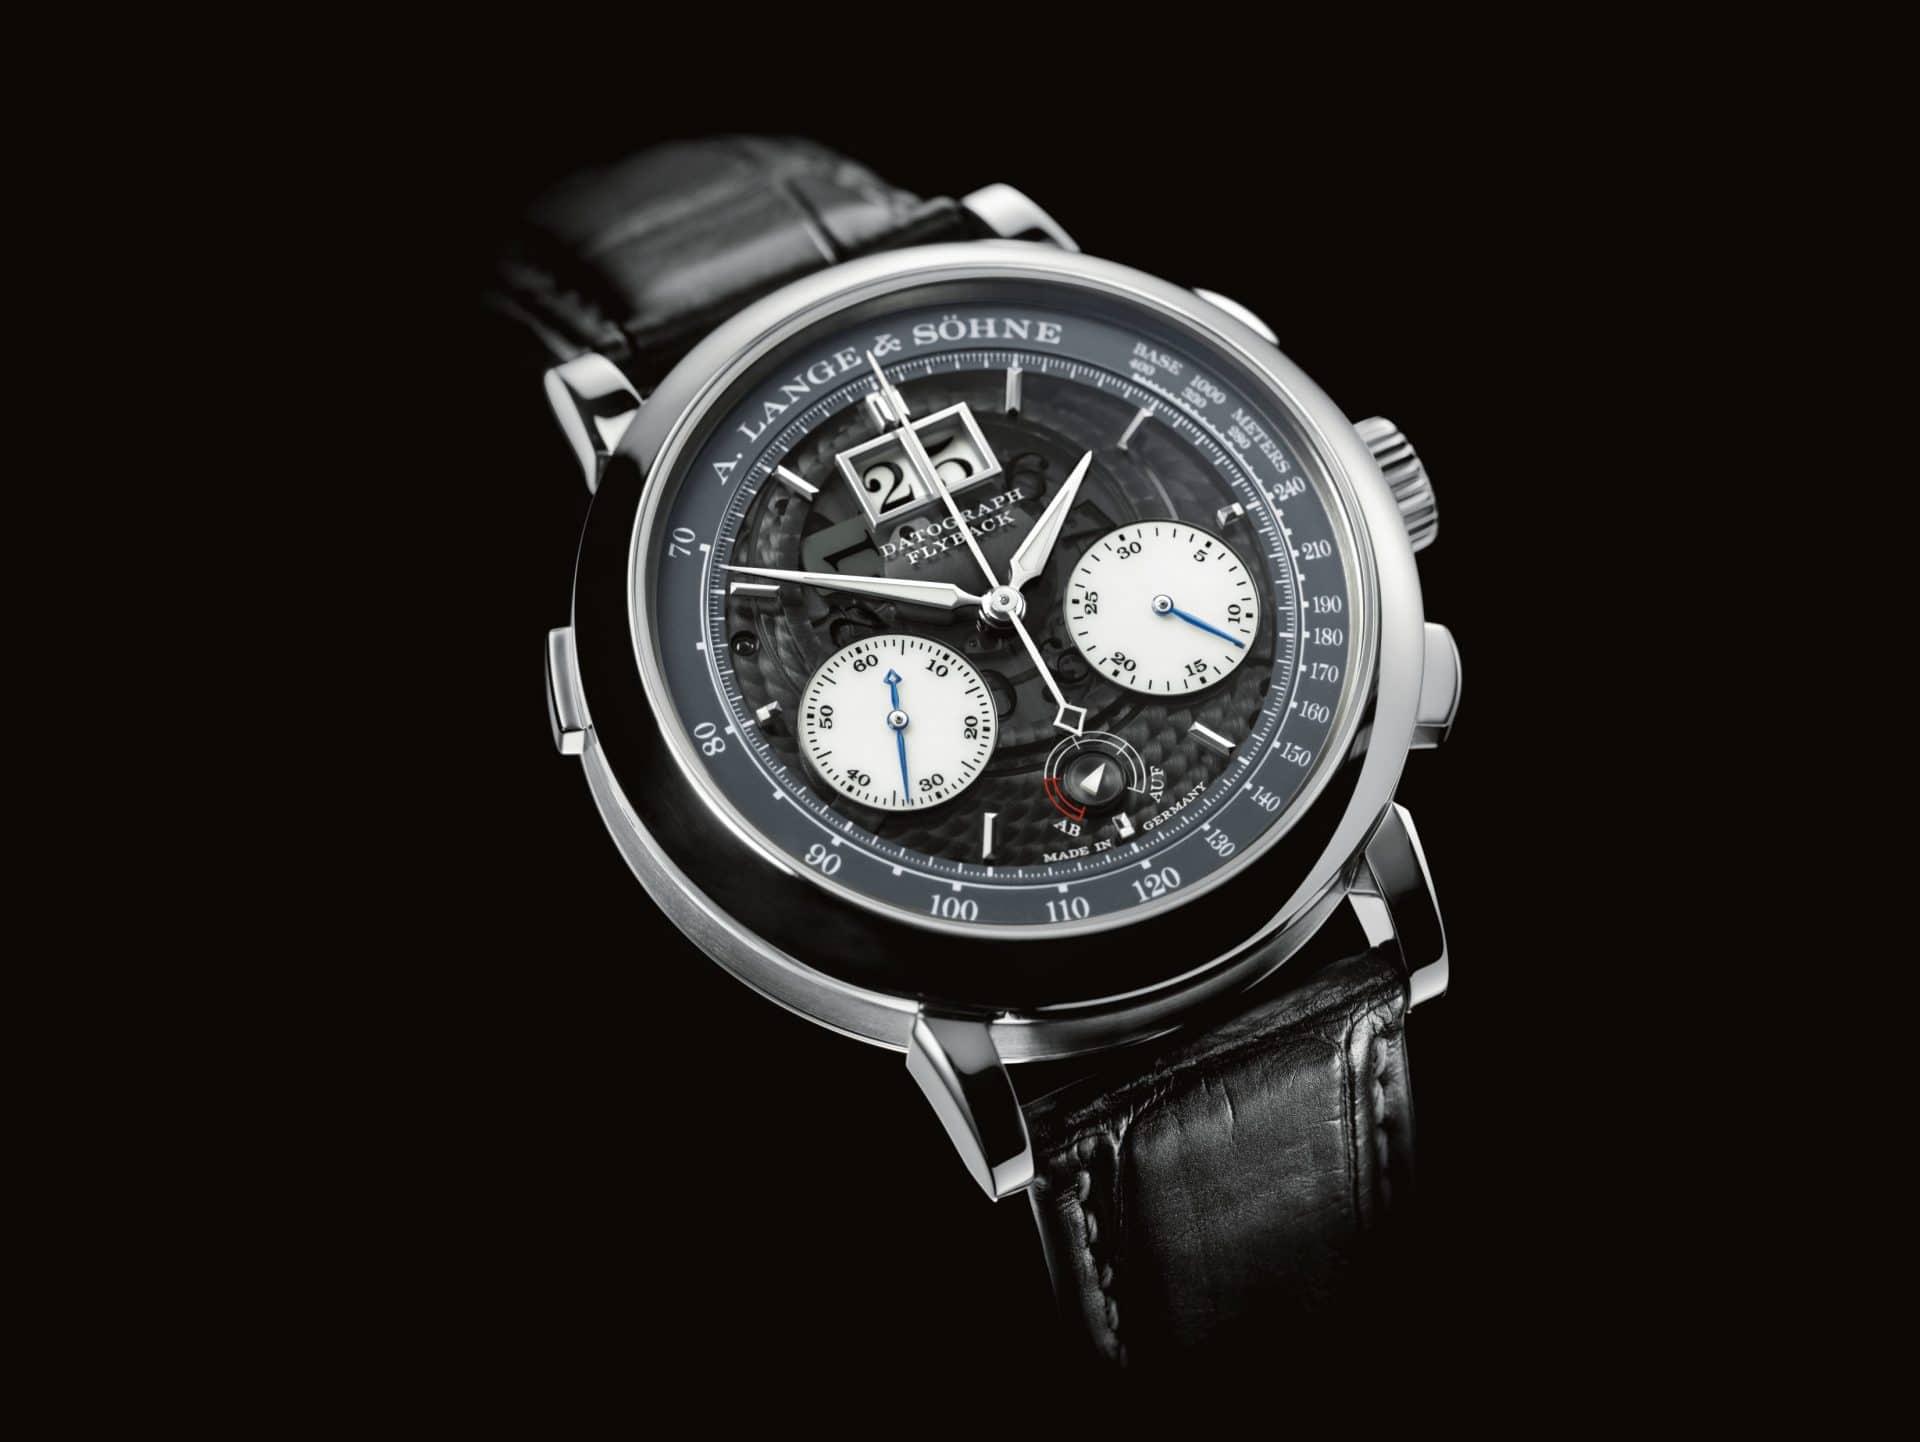 """Die A. Lange & Söhne """"Datograph Auf/Ab Lumen"""" mit Platinschale und luminiszenter Anzeige im Dunkeln sowie halbtransparentem Uhrwerk"""